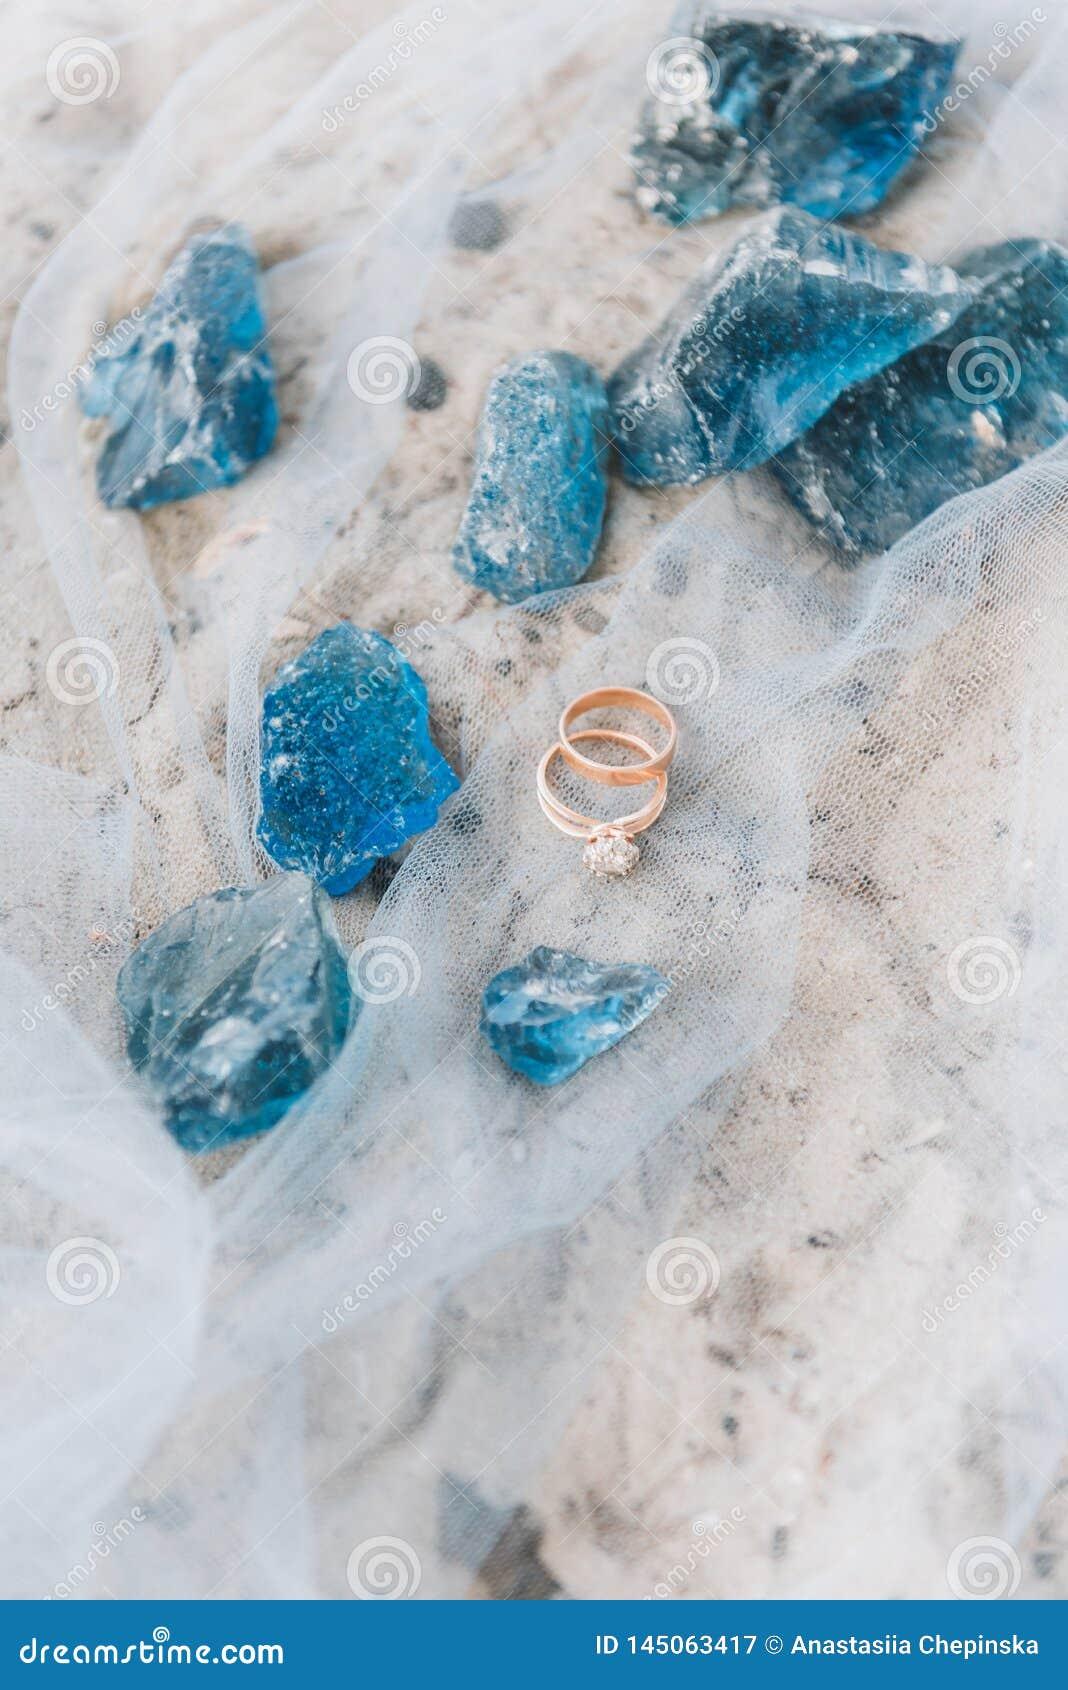 Hochzeit und Verlobungsringe auf einem bloßen Gewebe auf einem Strand mit dekorativen blauen Steinen